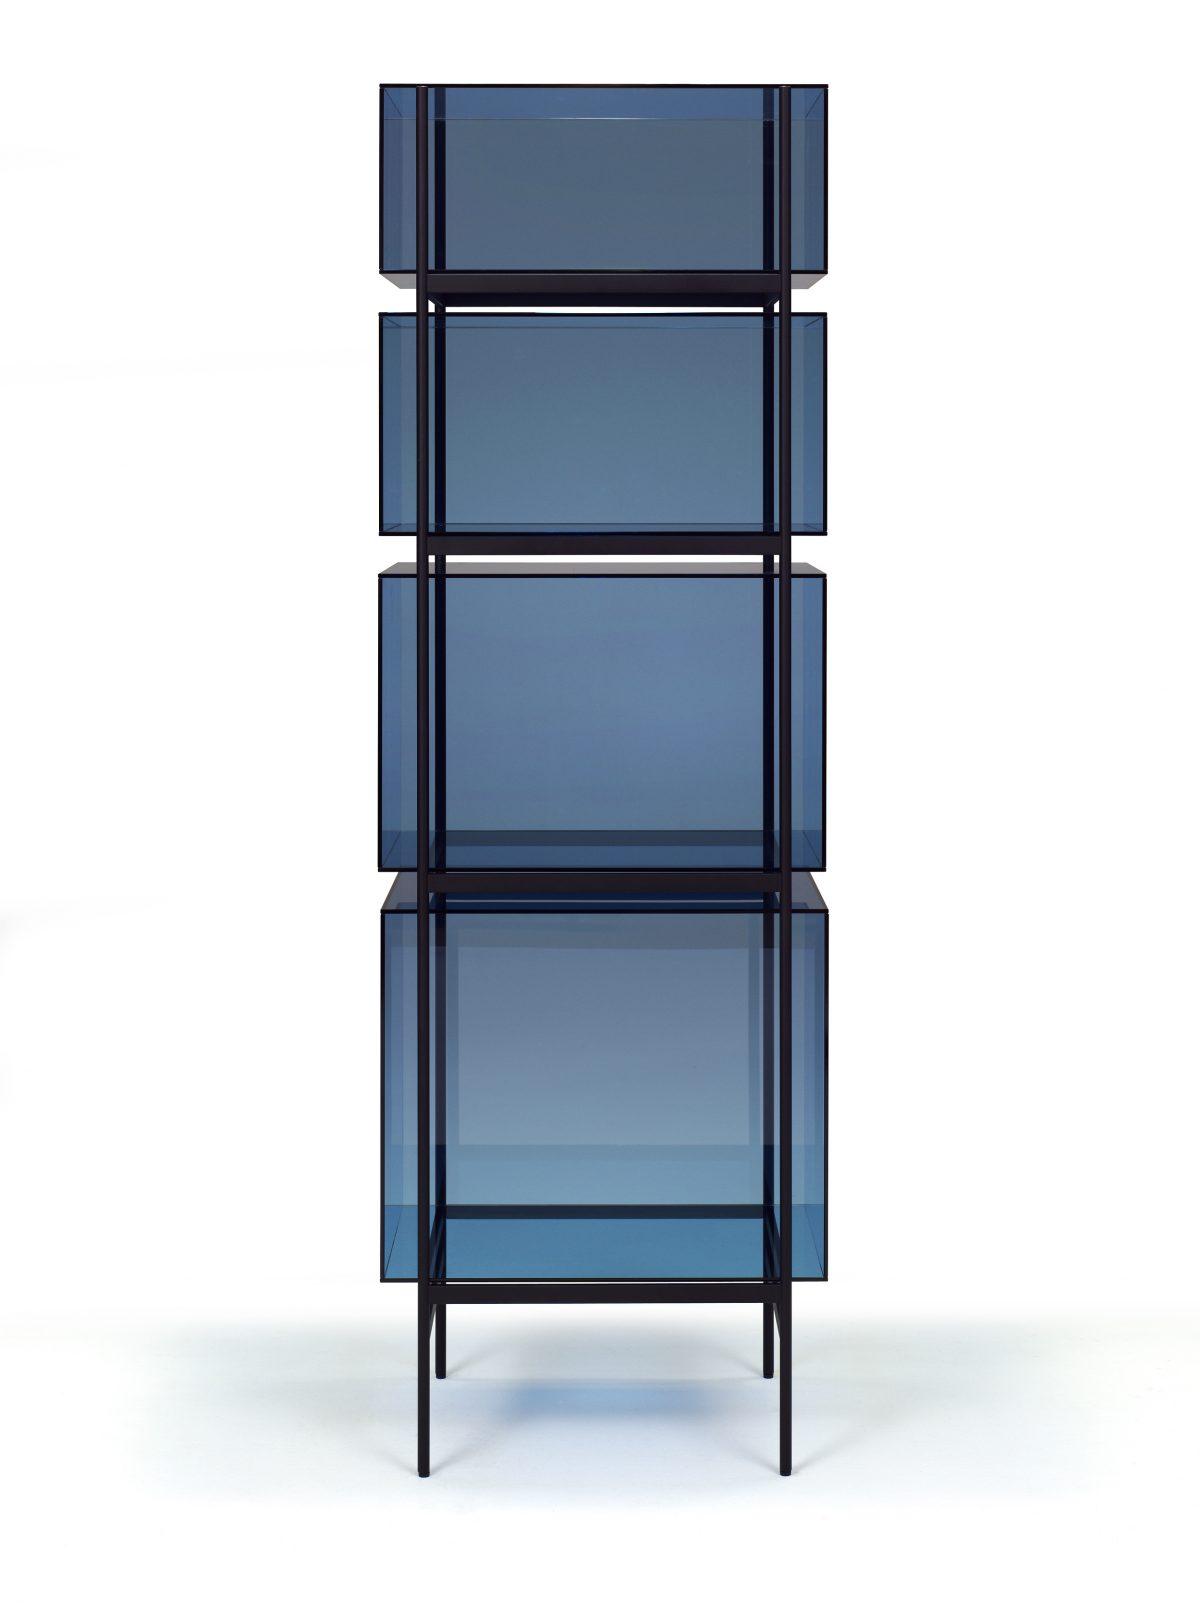 Glazen Kast LYN 4 Vakken VisserMeijwaard Blauw Glas Zwart Frame Exclusief Dutch Design JOSHH& Helderr 15